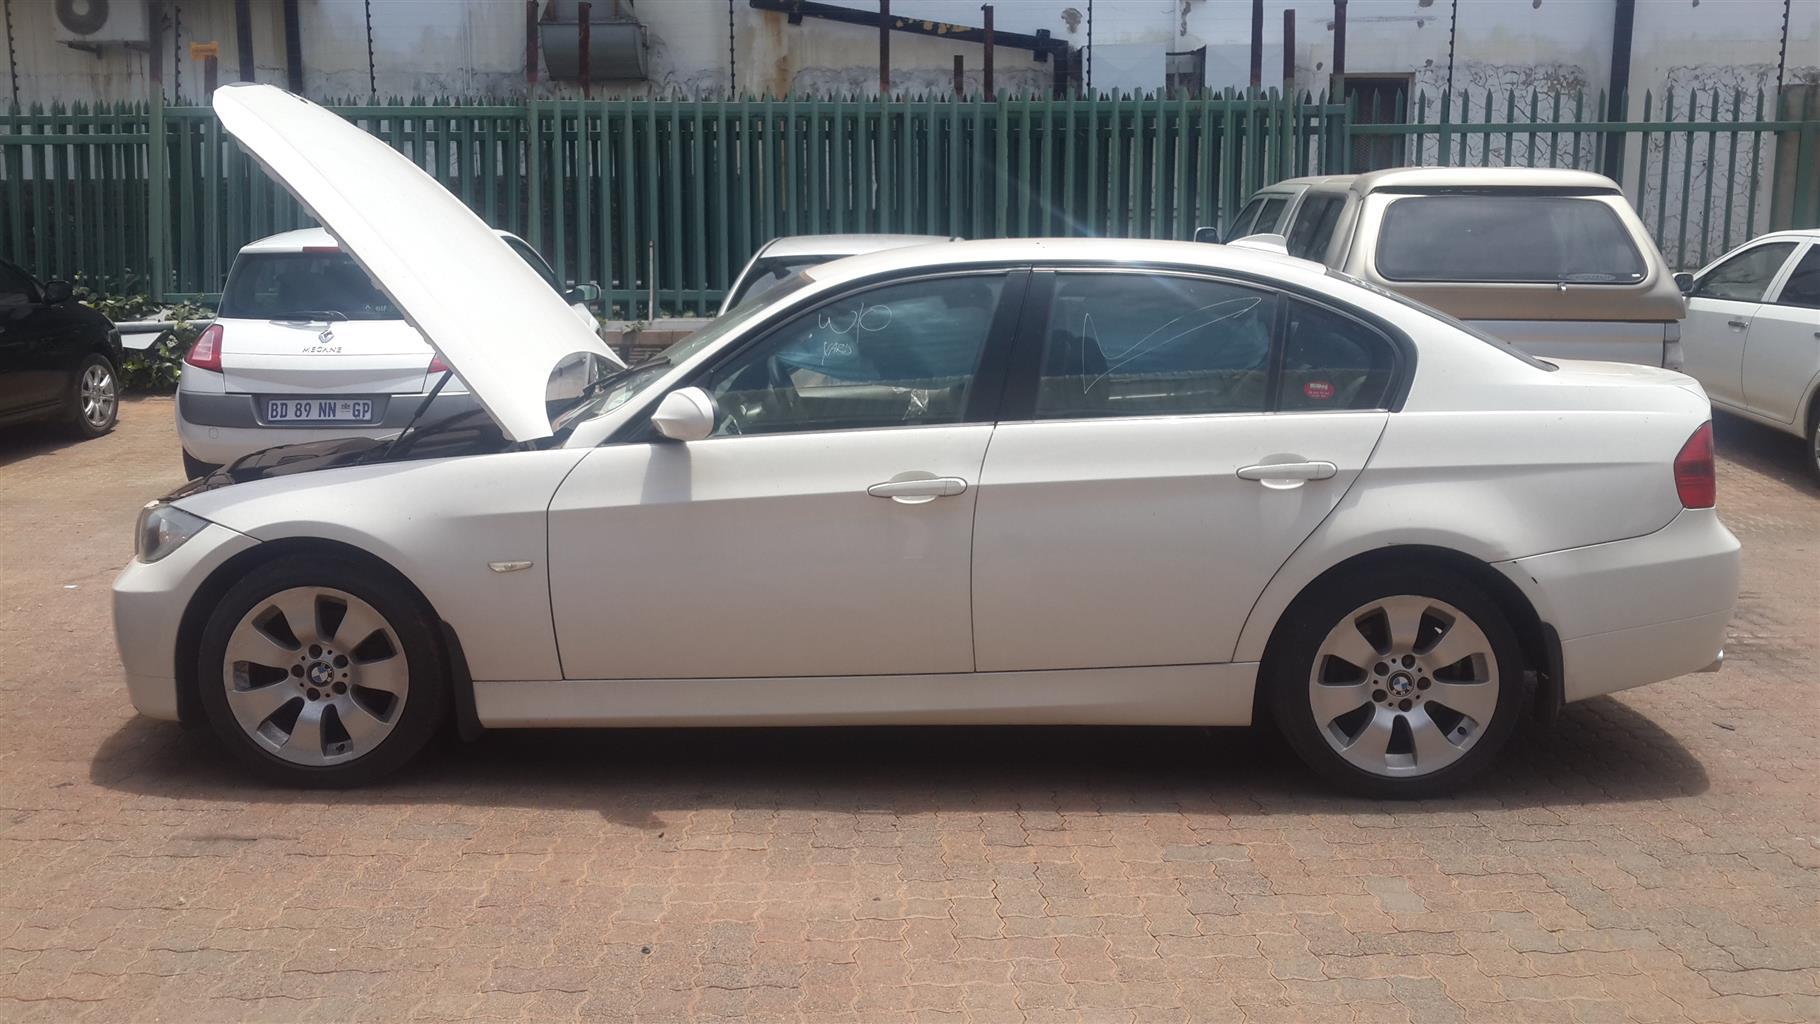 BMW E90 320I Stripping For Spares